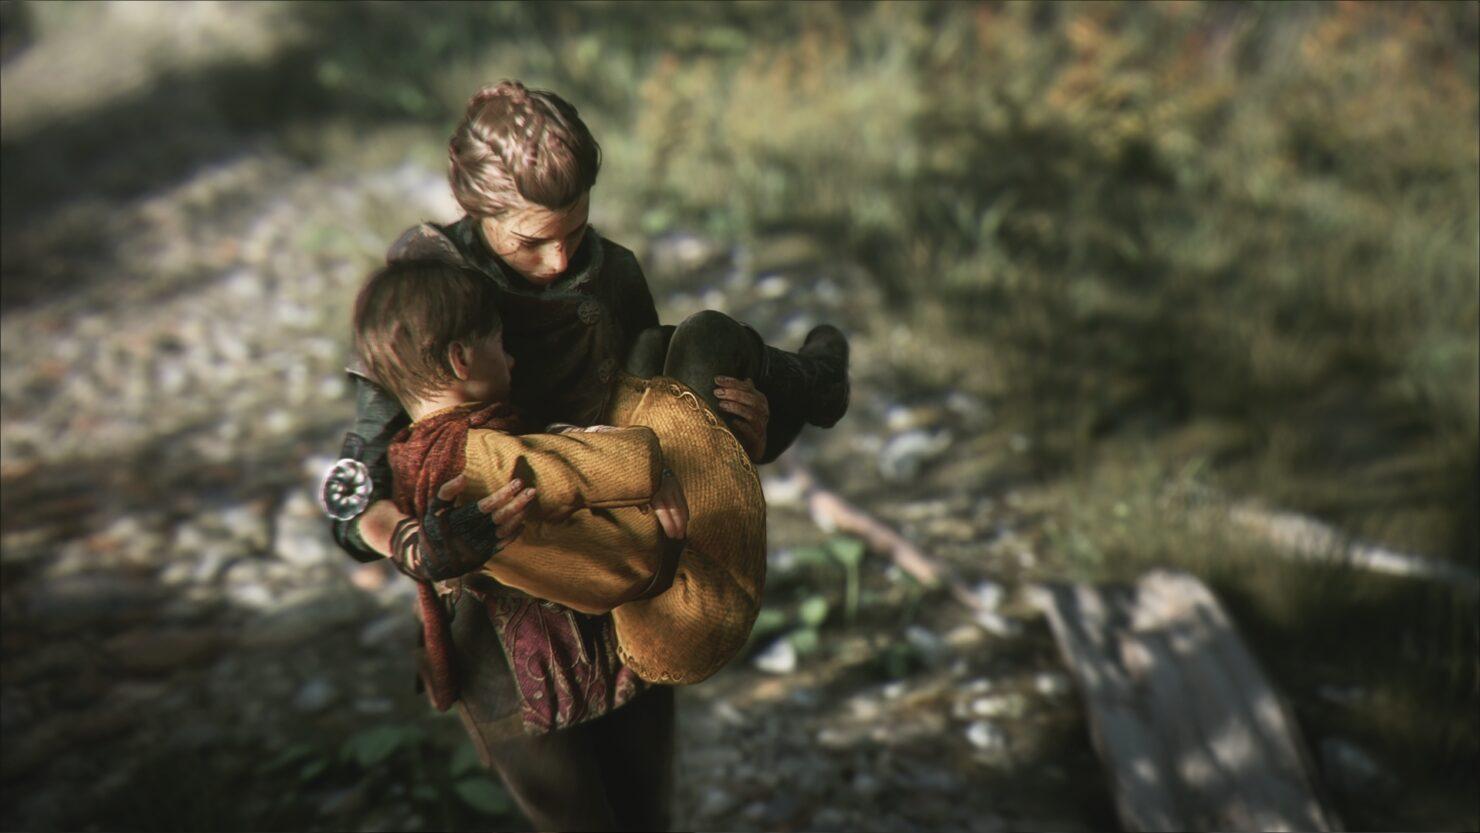 plague-tale-innocence-new-screenshots-screenshot-02